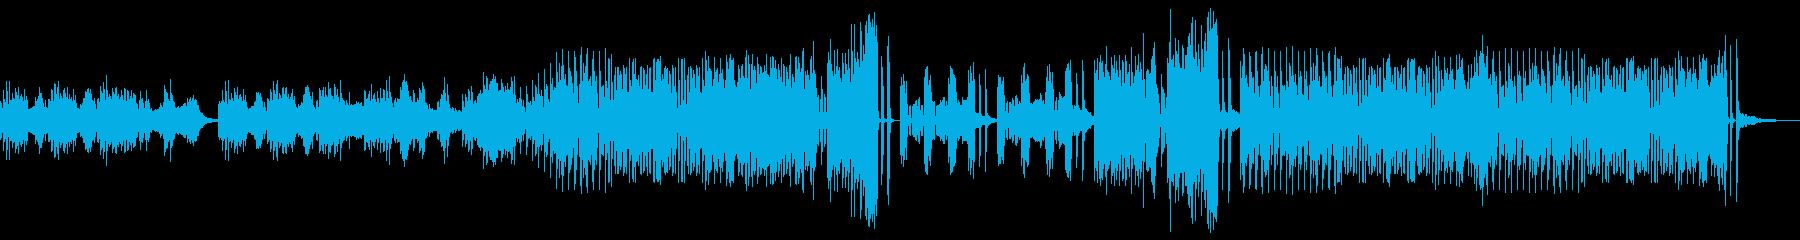 浮遊感がある優しいBGMの再生済みの波形